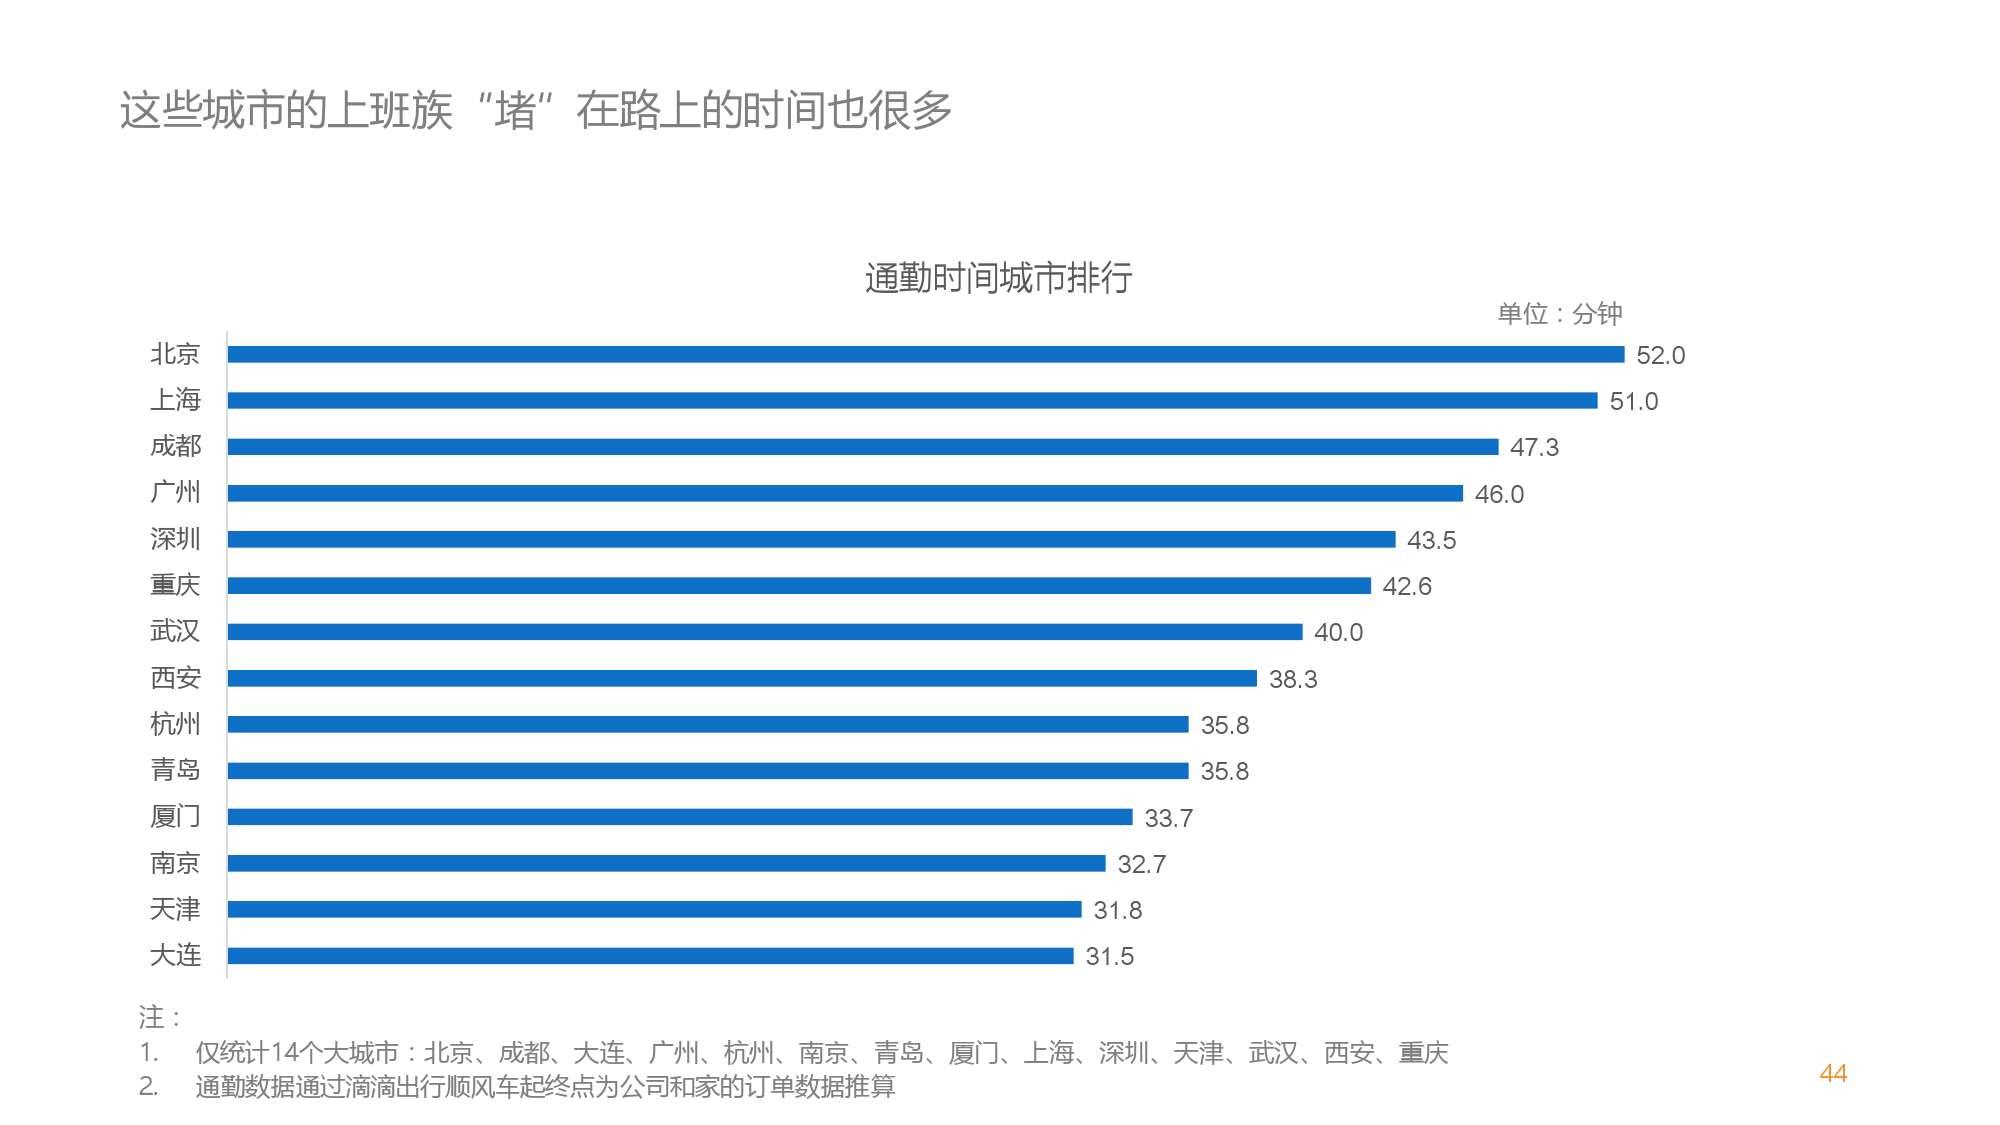 中国智能出行2015大数据报告_000044